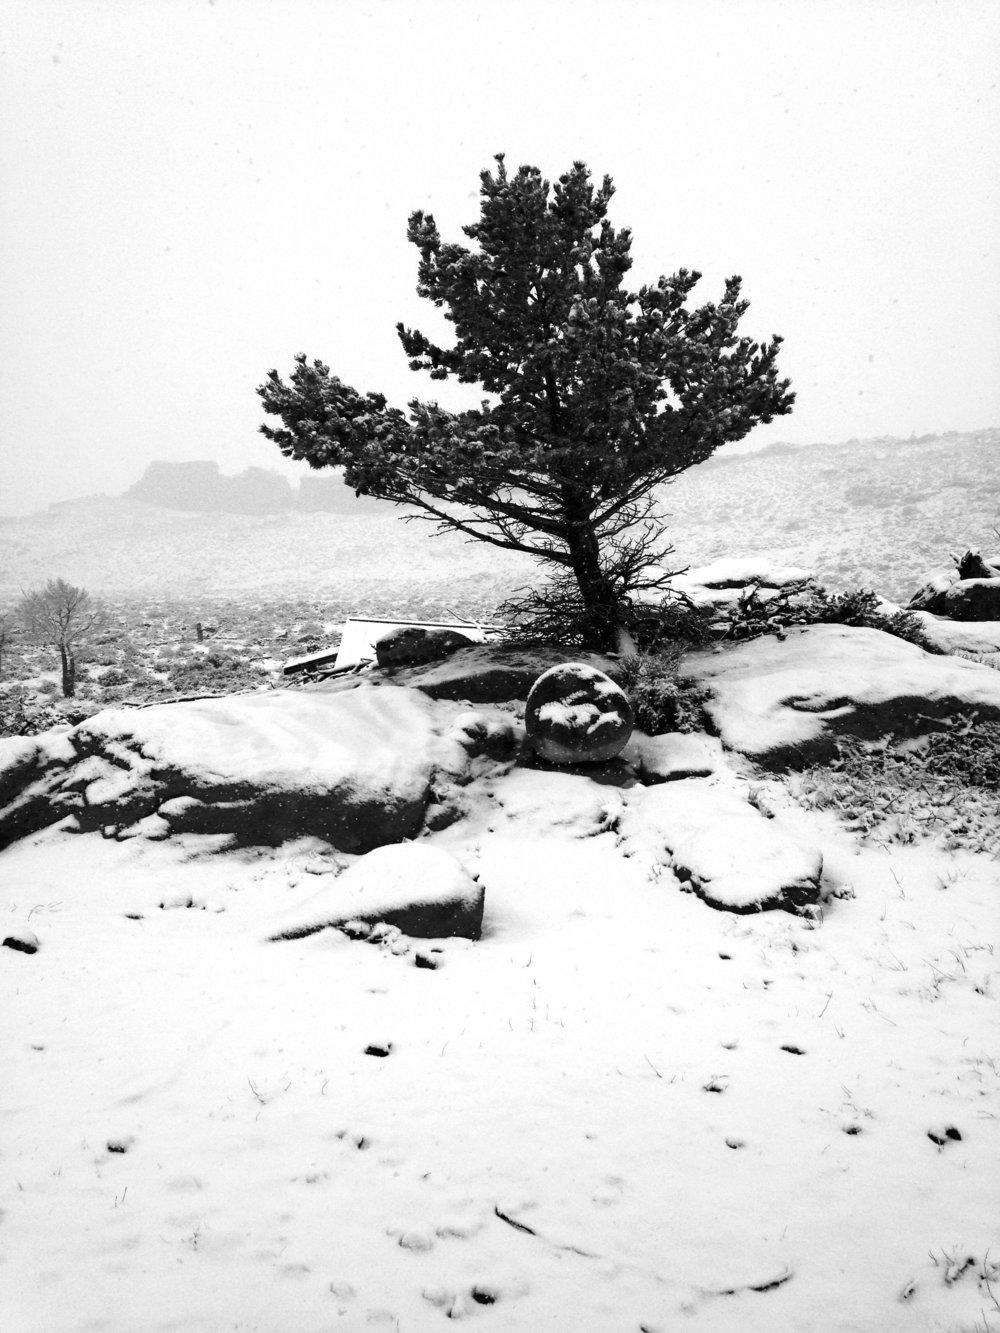 Snowfall, 9 a.m., April 2, 2017, Wapiti, Wyoming.